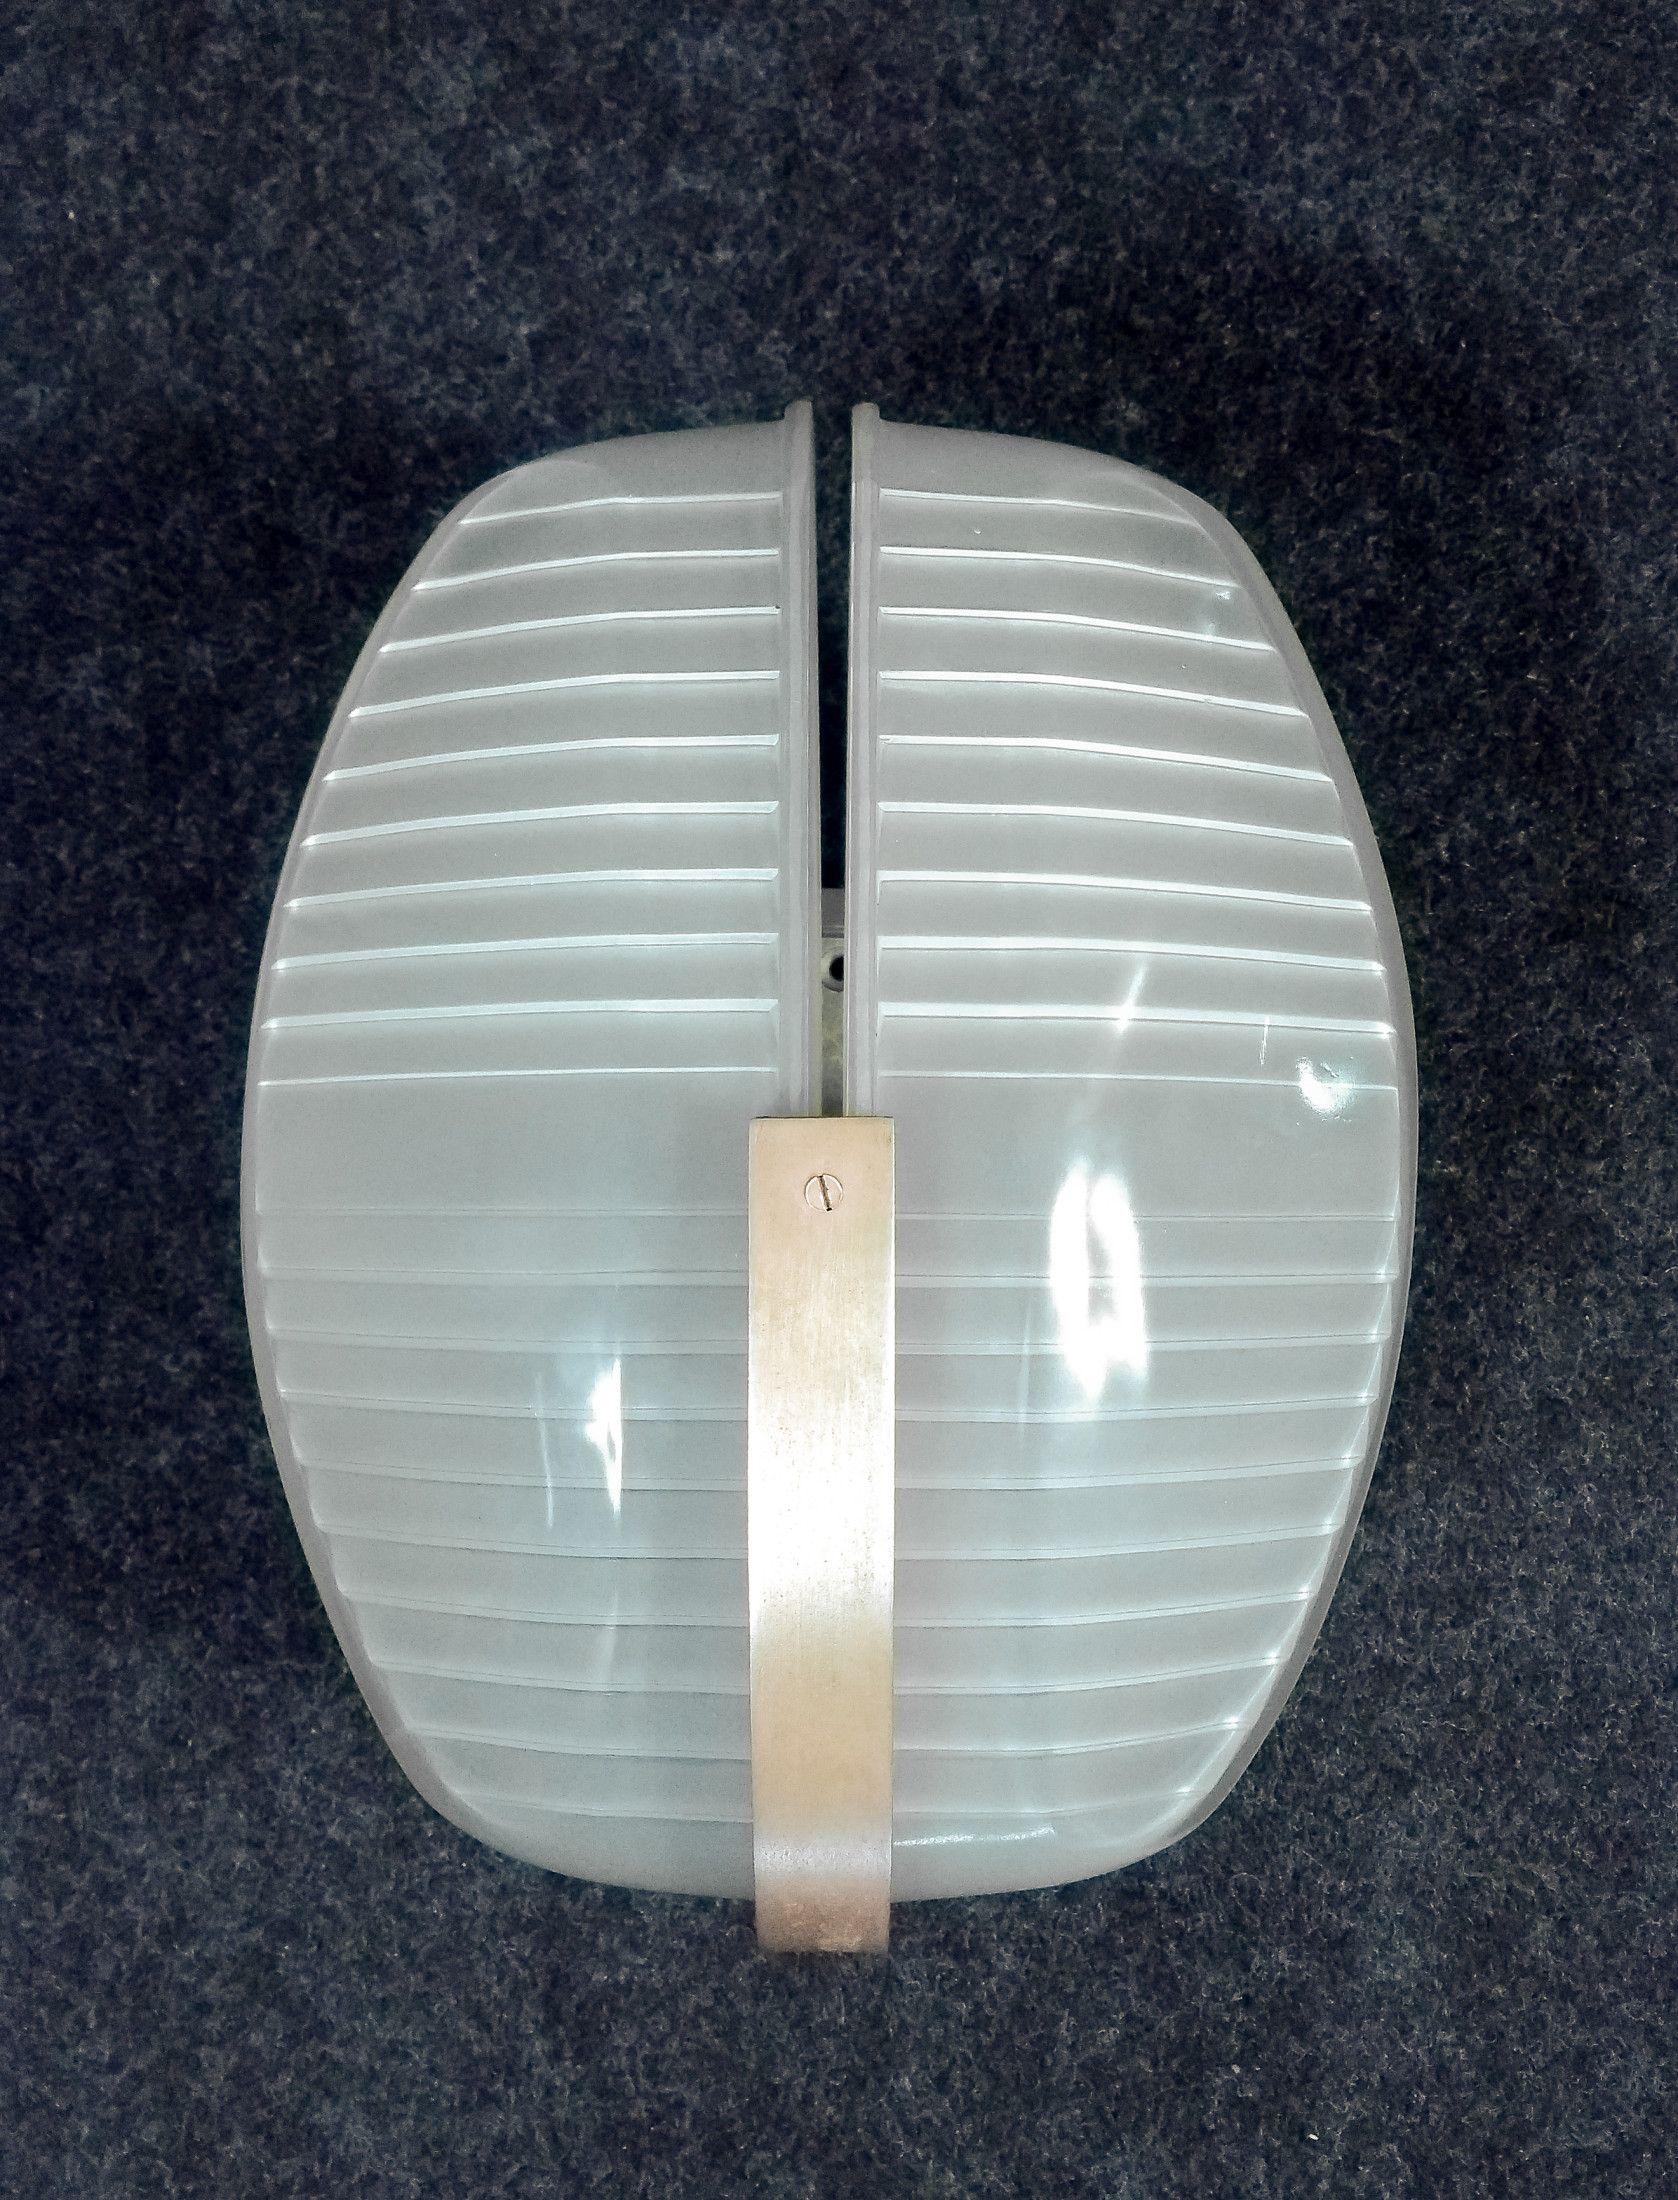 Lampada Applique Lambda Design Vico Magistretti Per Artemide Italia 1961 Vicomagistretti Artemide Lambda Designlamps Vintag Design Vintage Applique